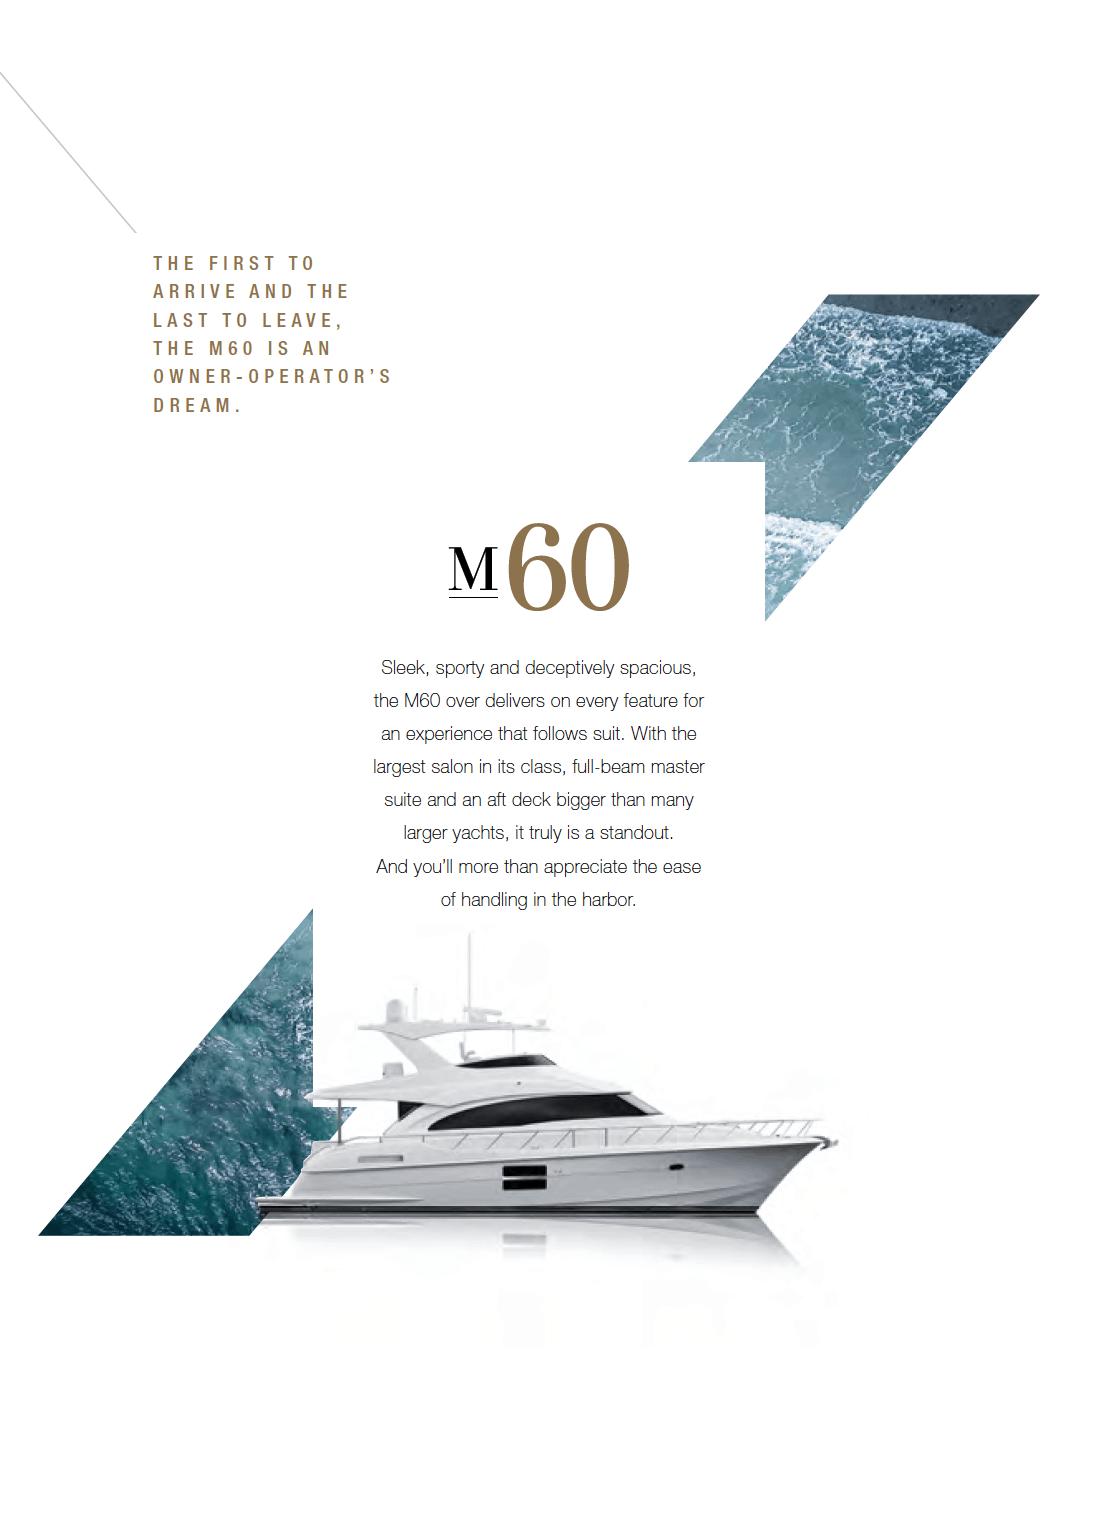 Hatteras M60 Summary